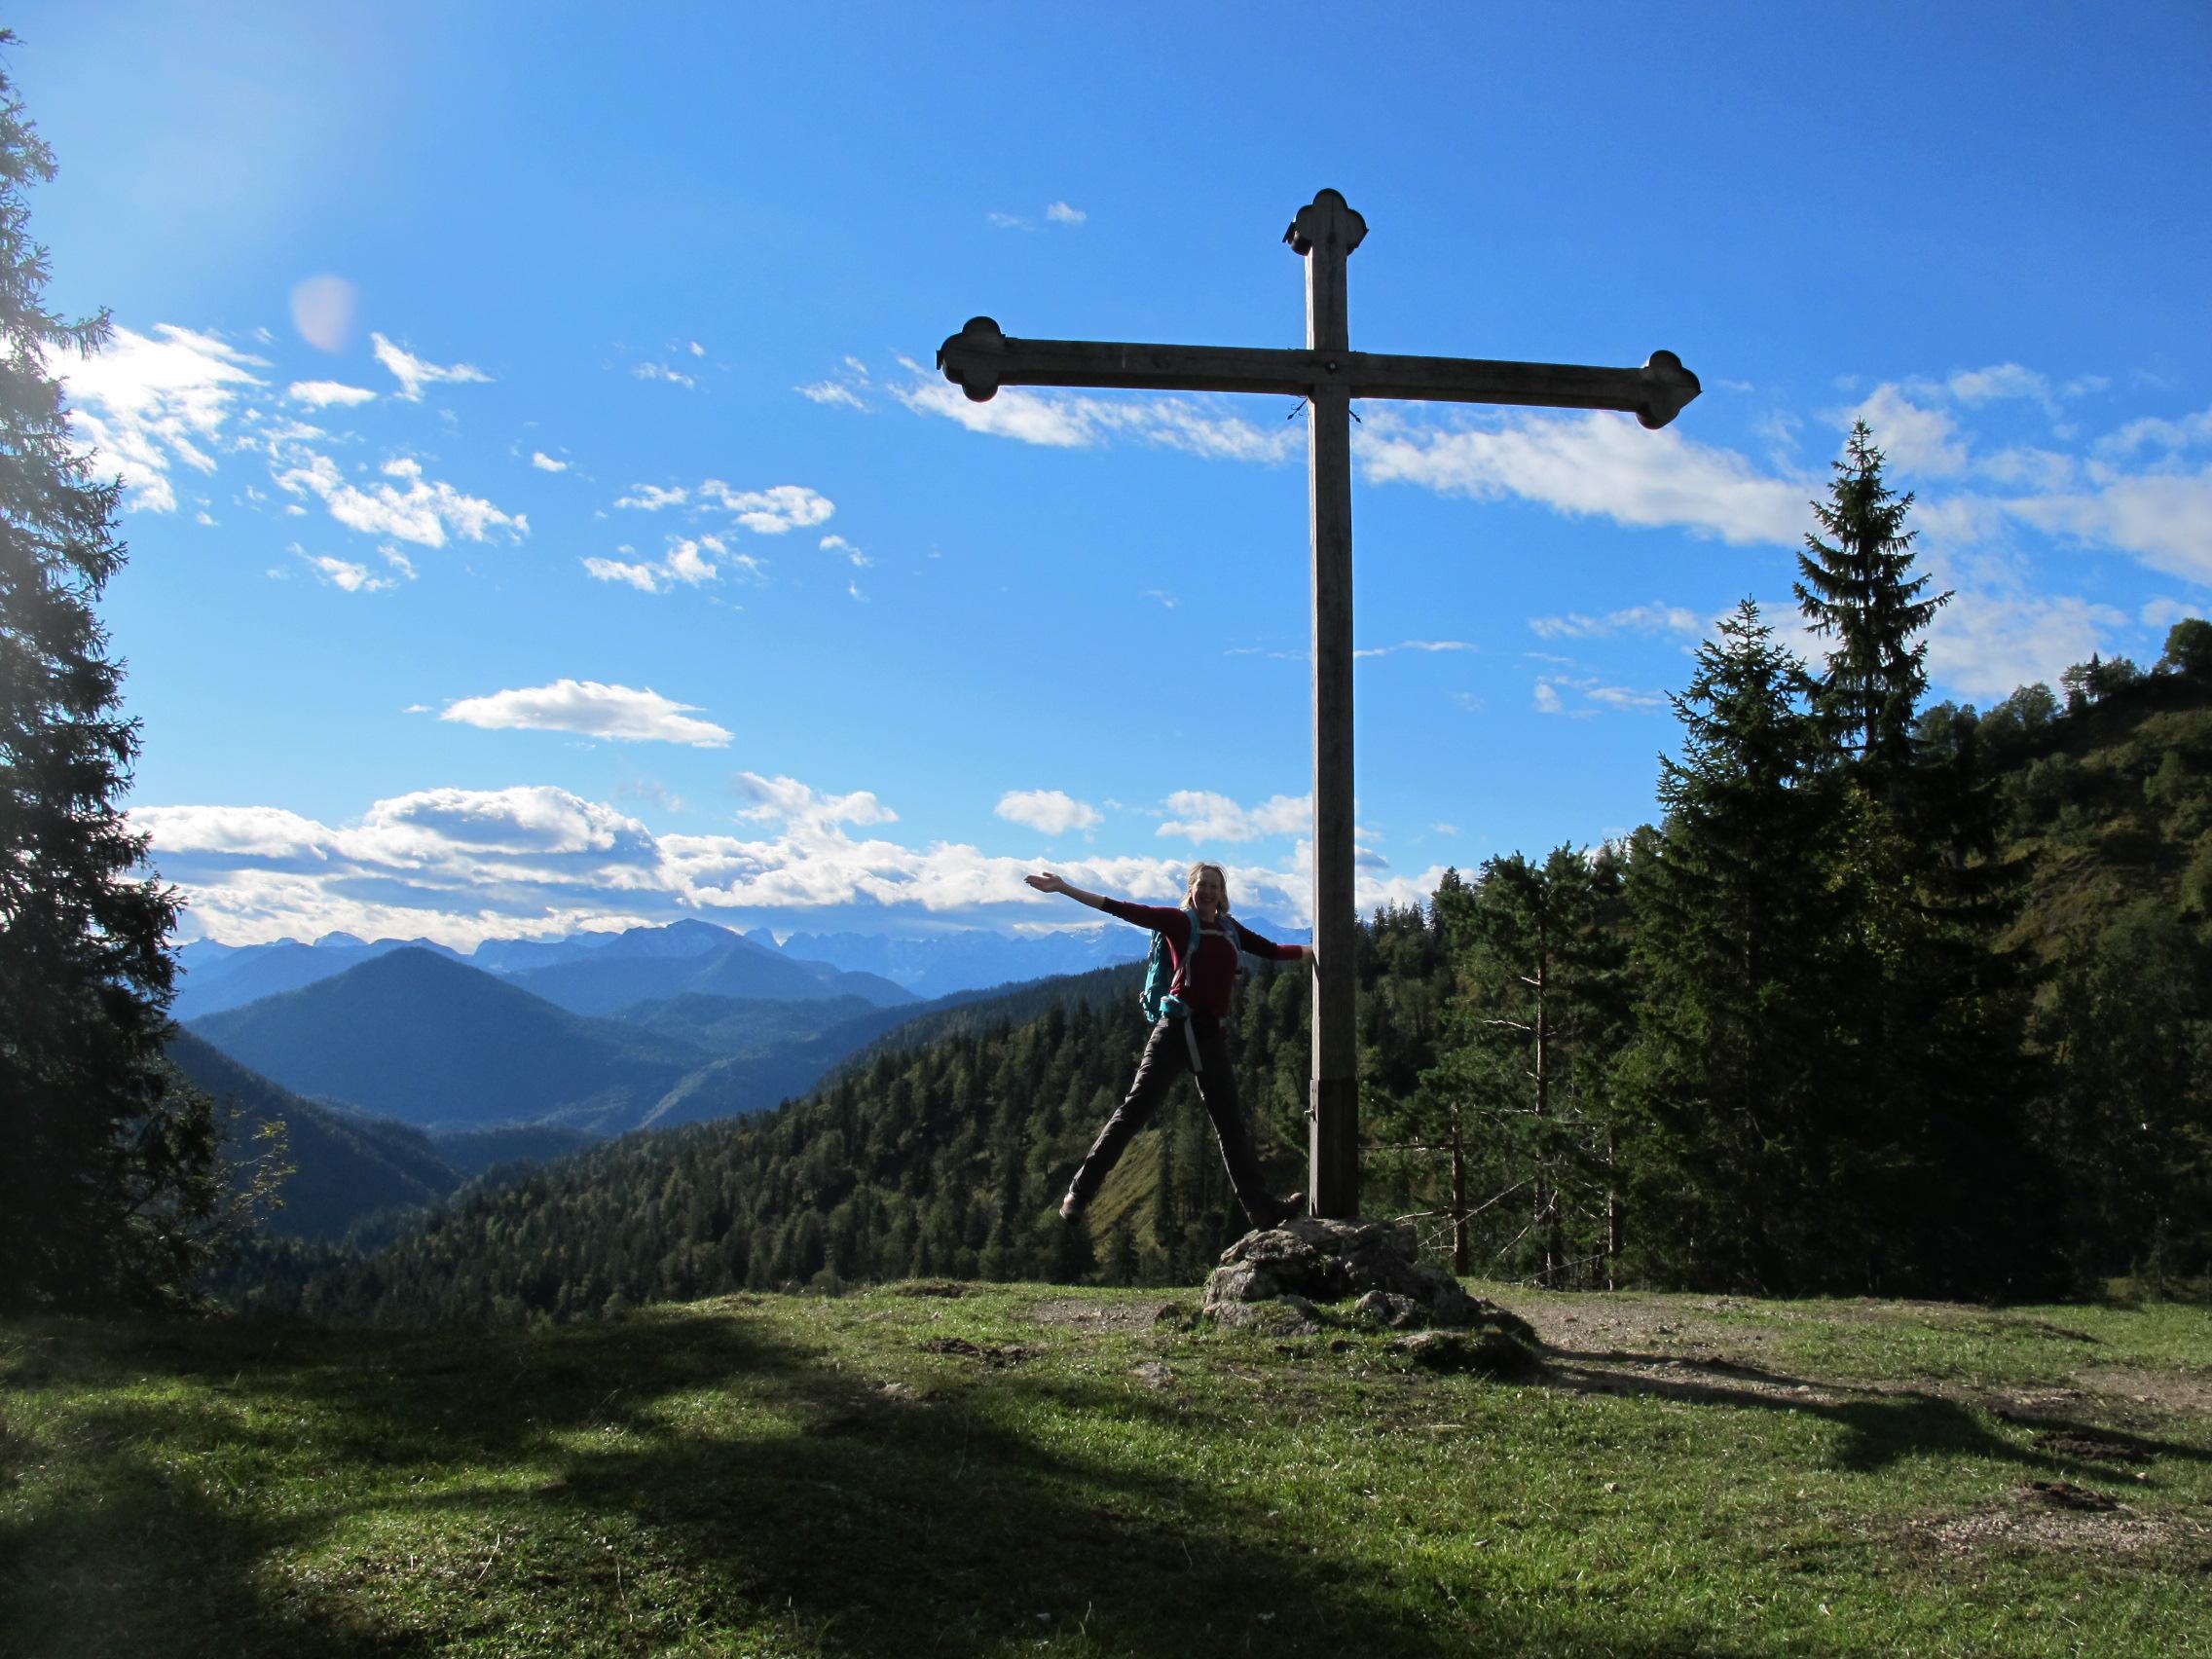 #hikingthealps